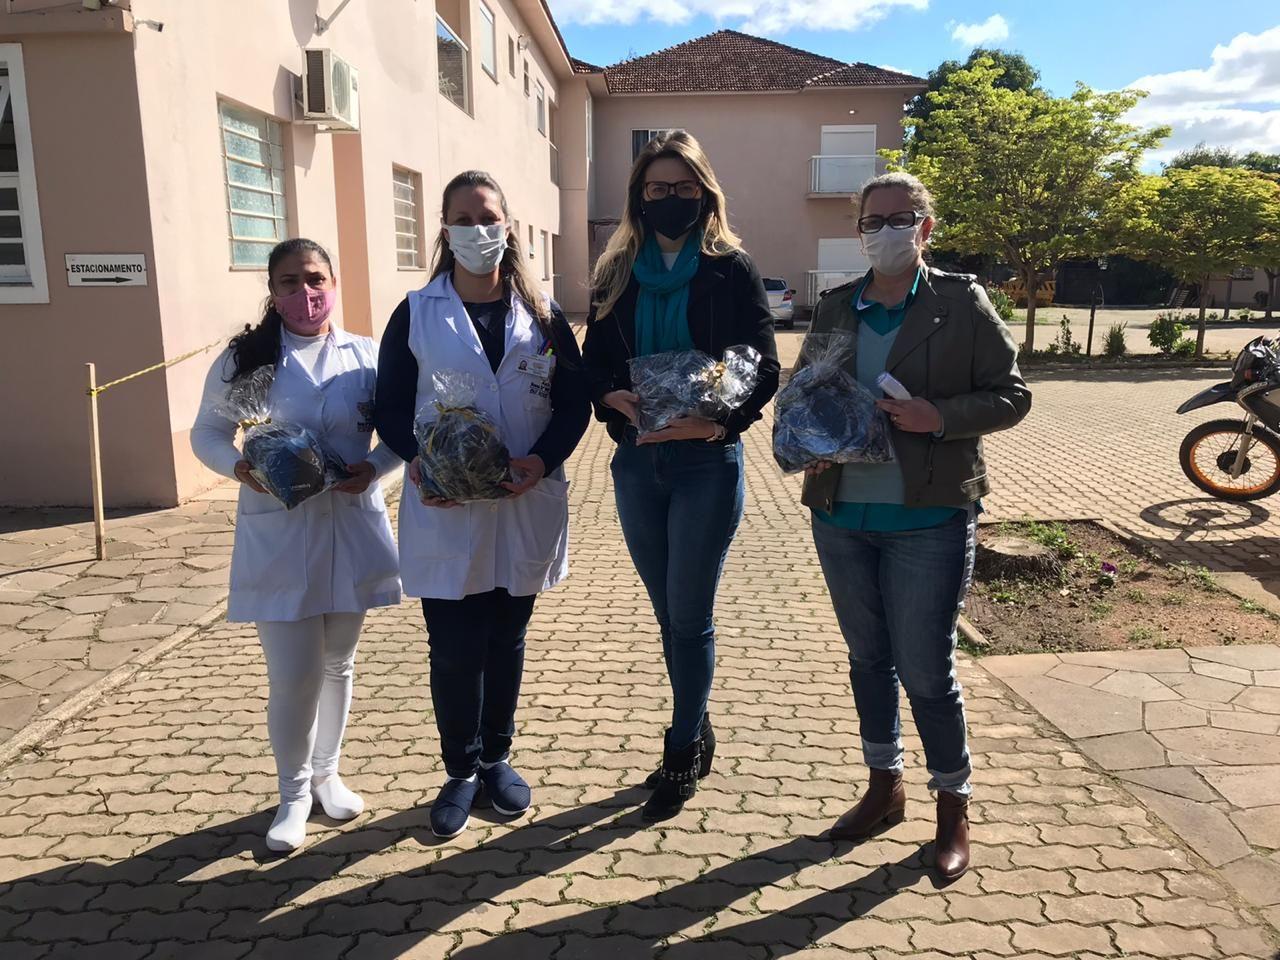 Quatro mulheres com máscaras.